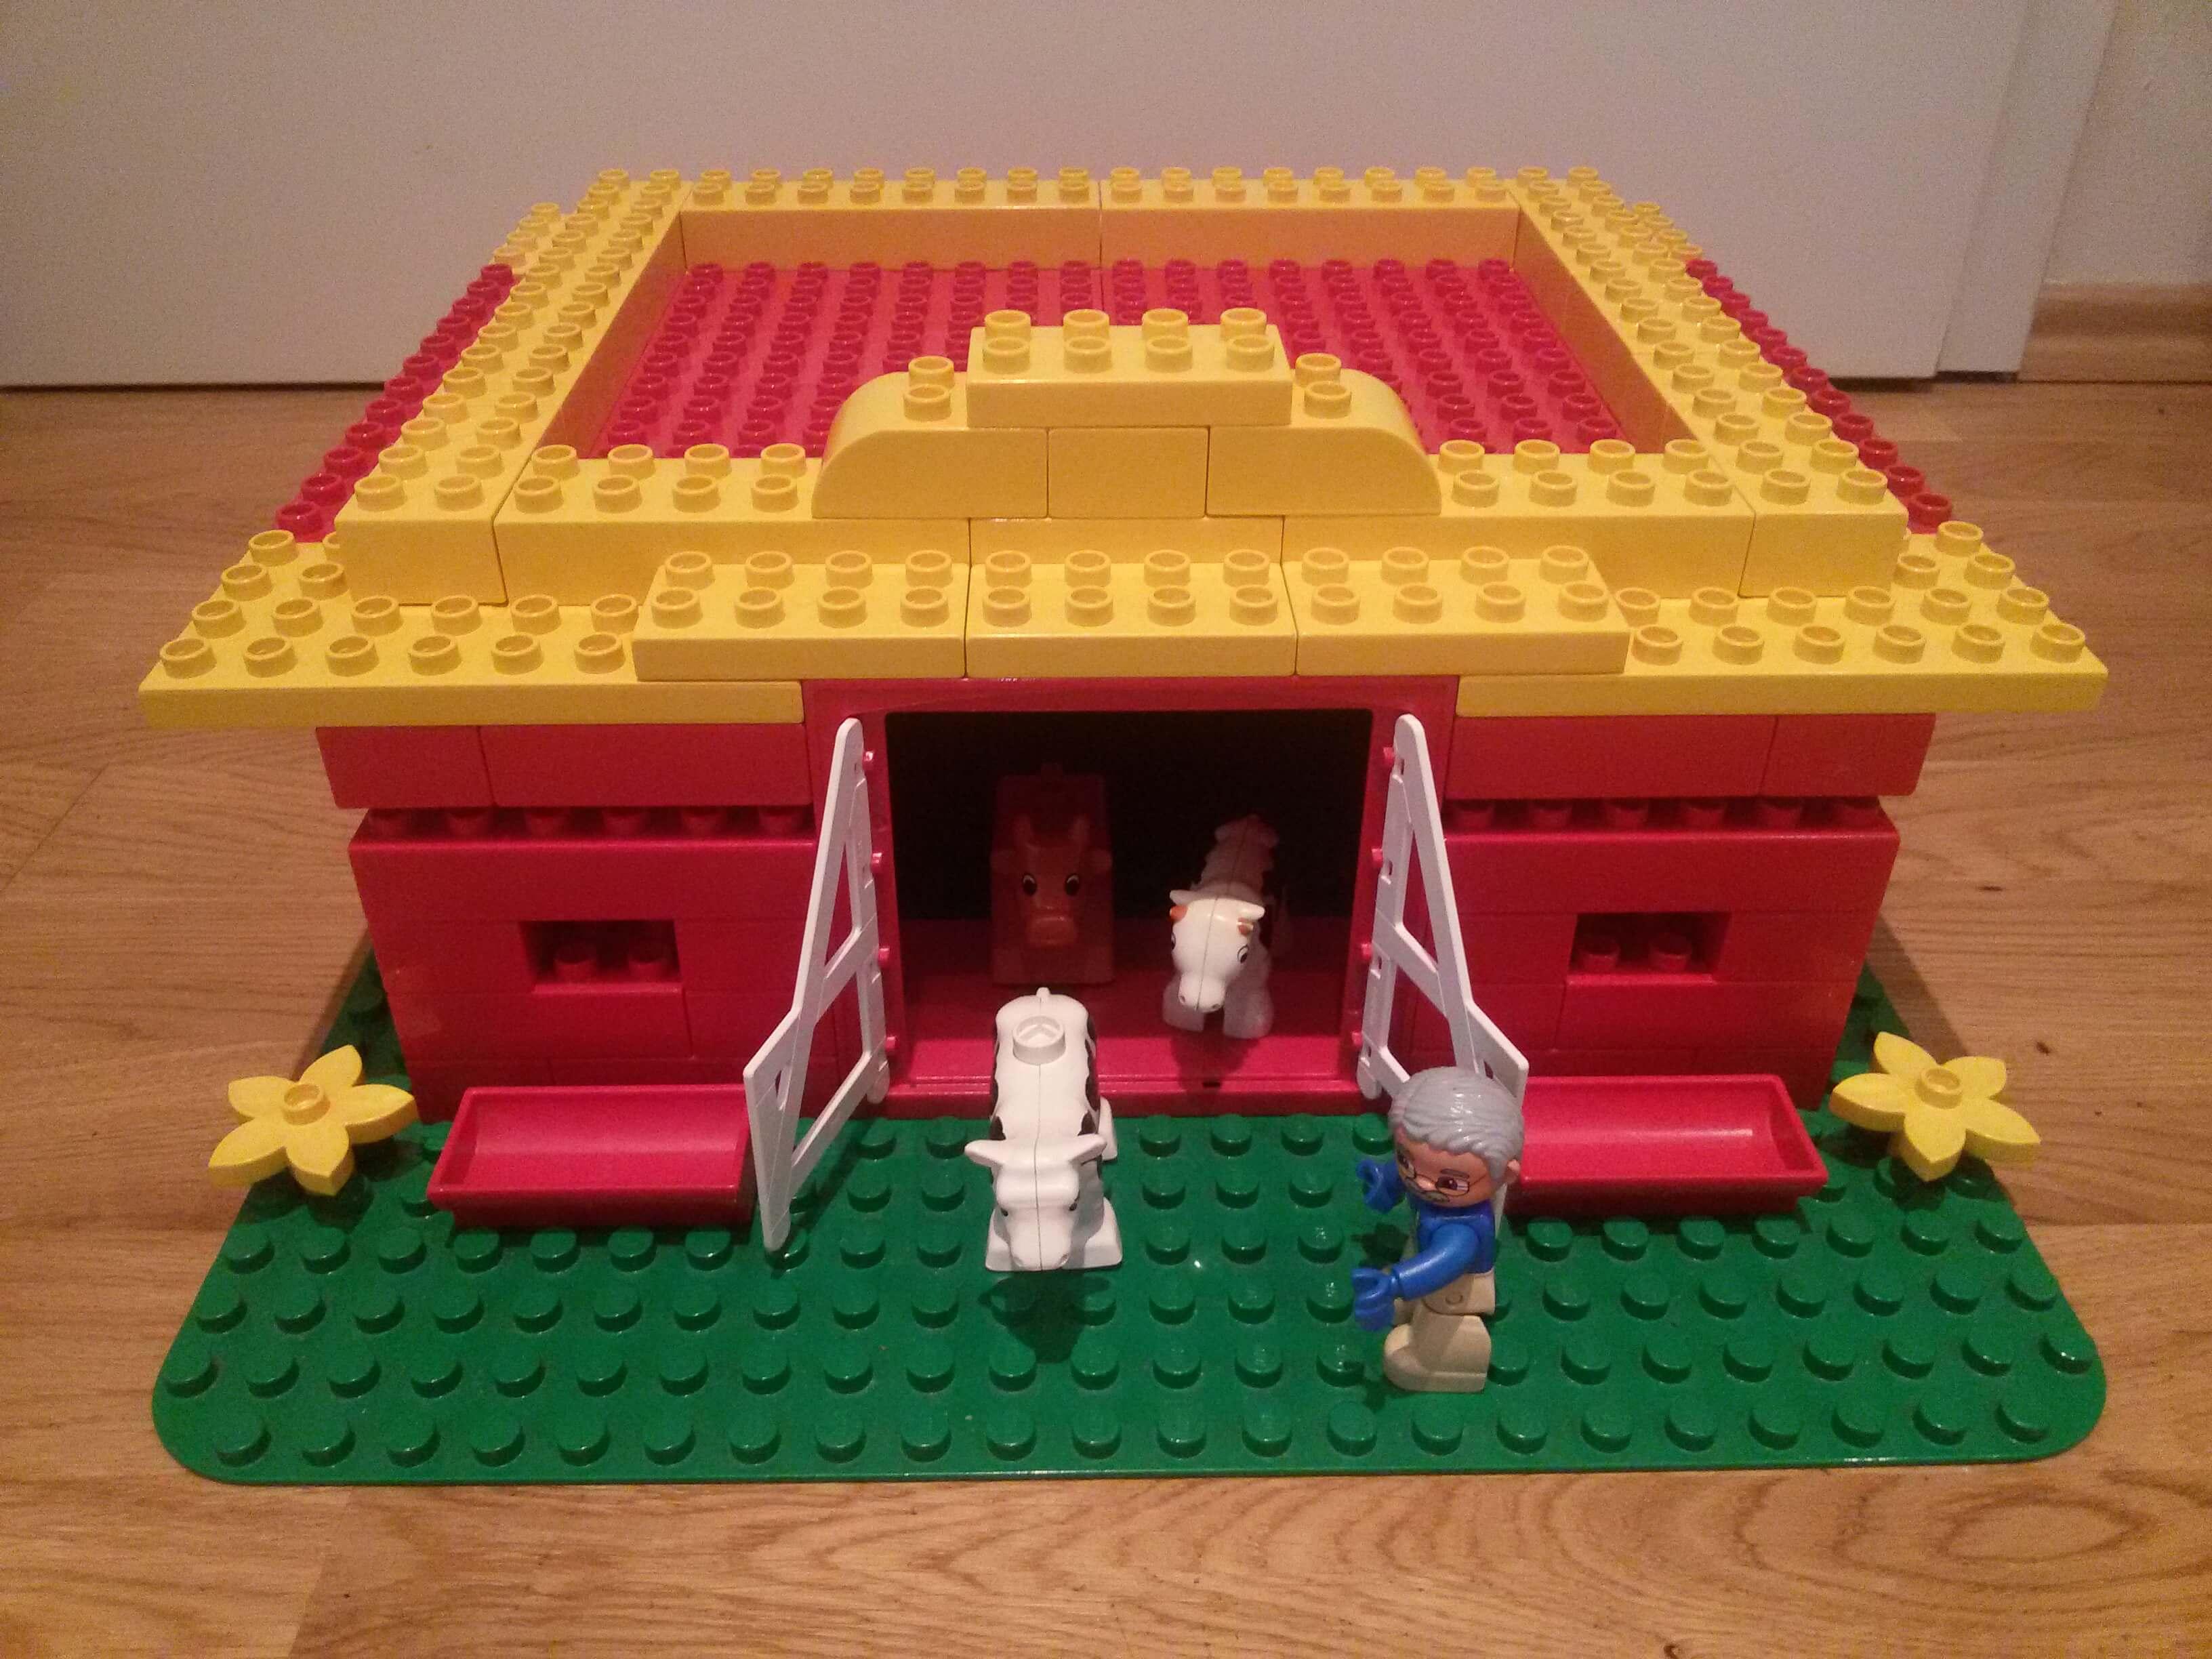 Lego Tisch Selber Bauen Lego Eisenbahn Norm Len Viele Bilder Lego Bei